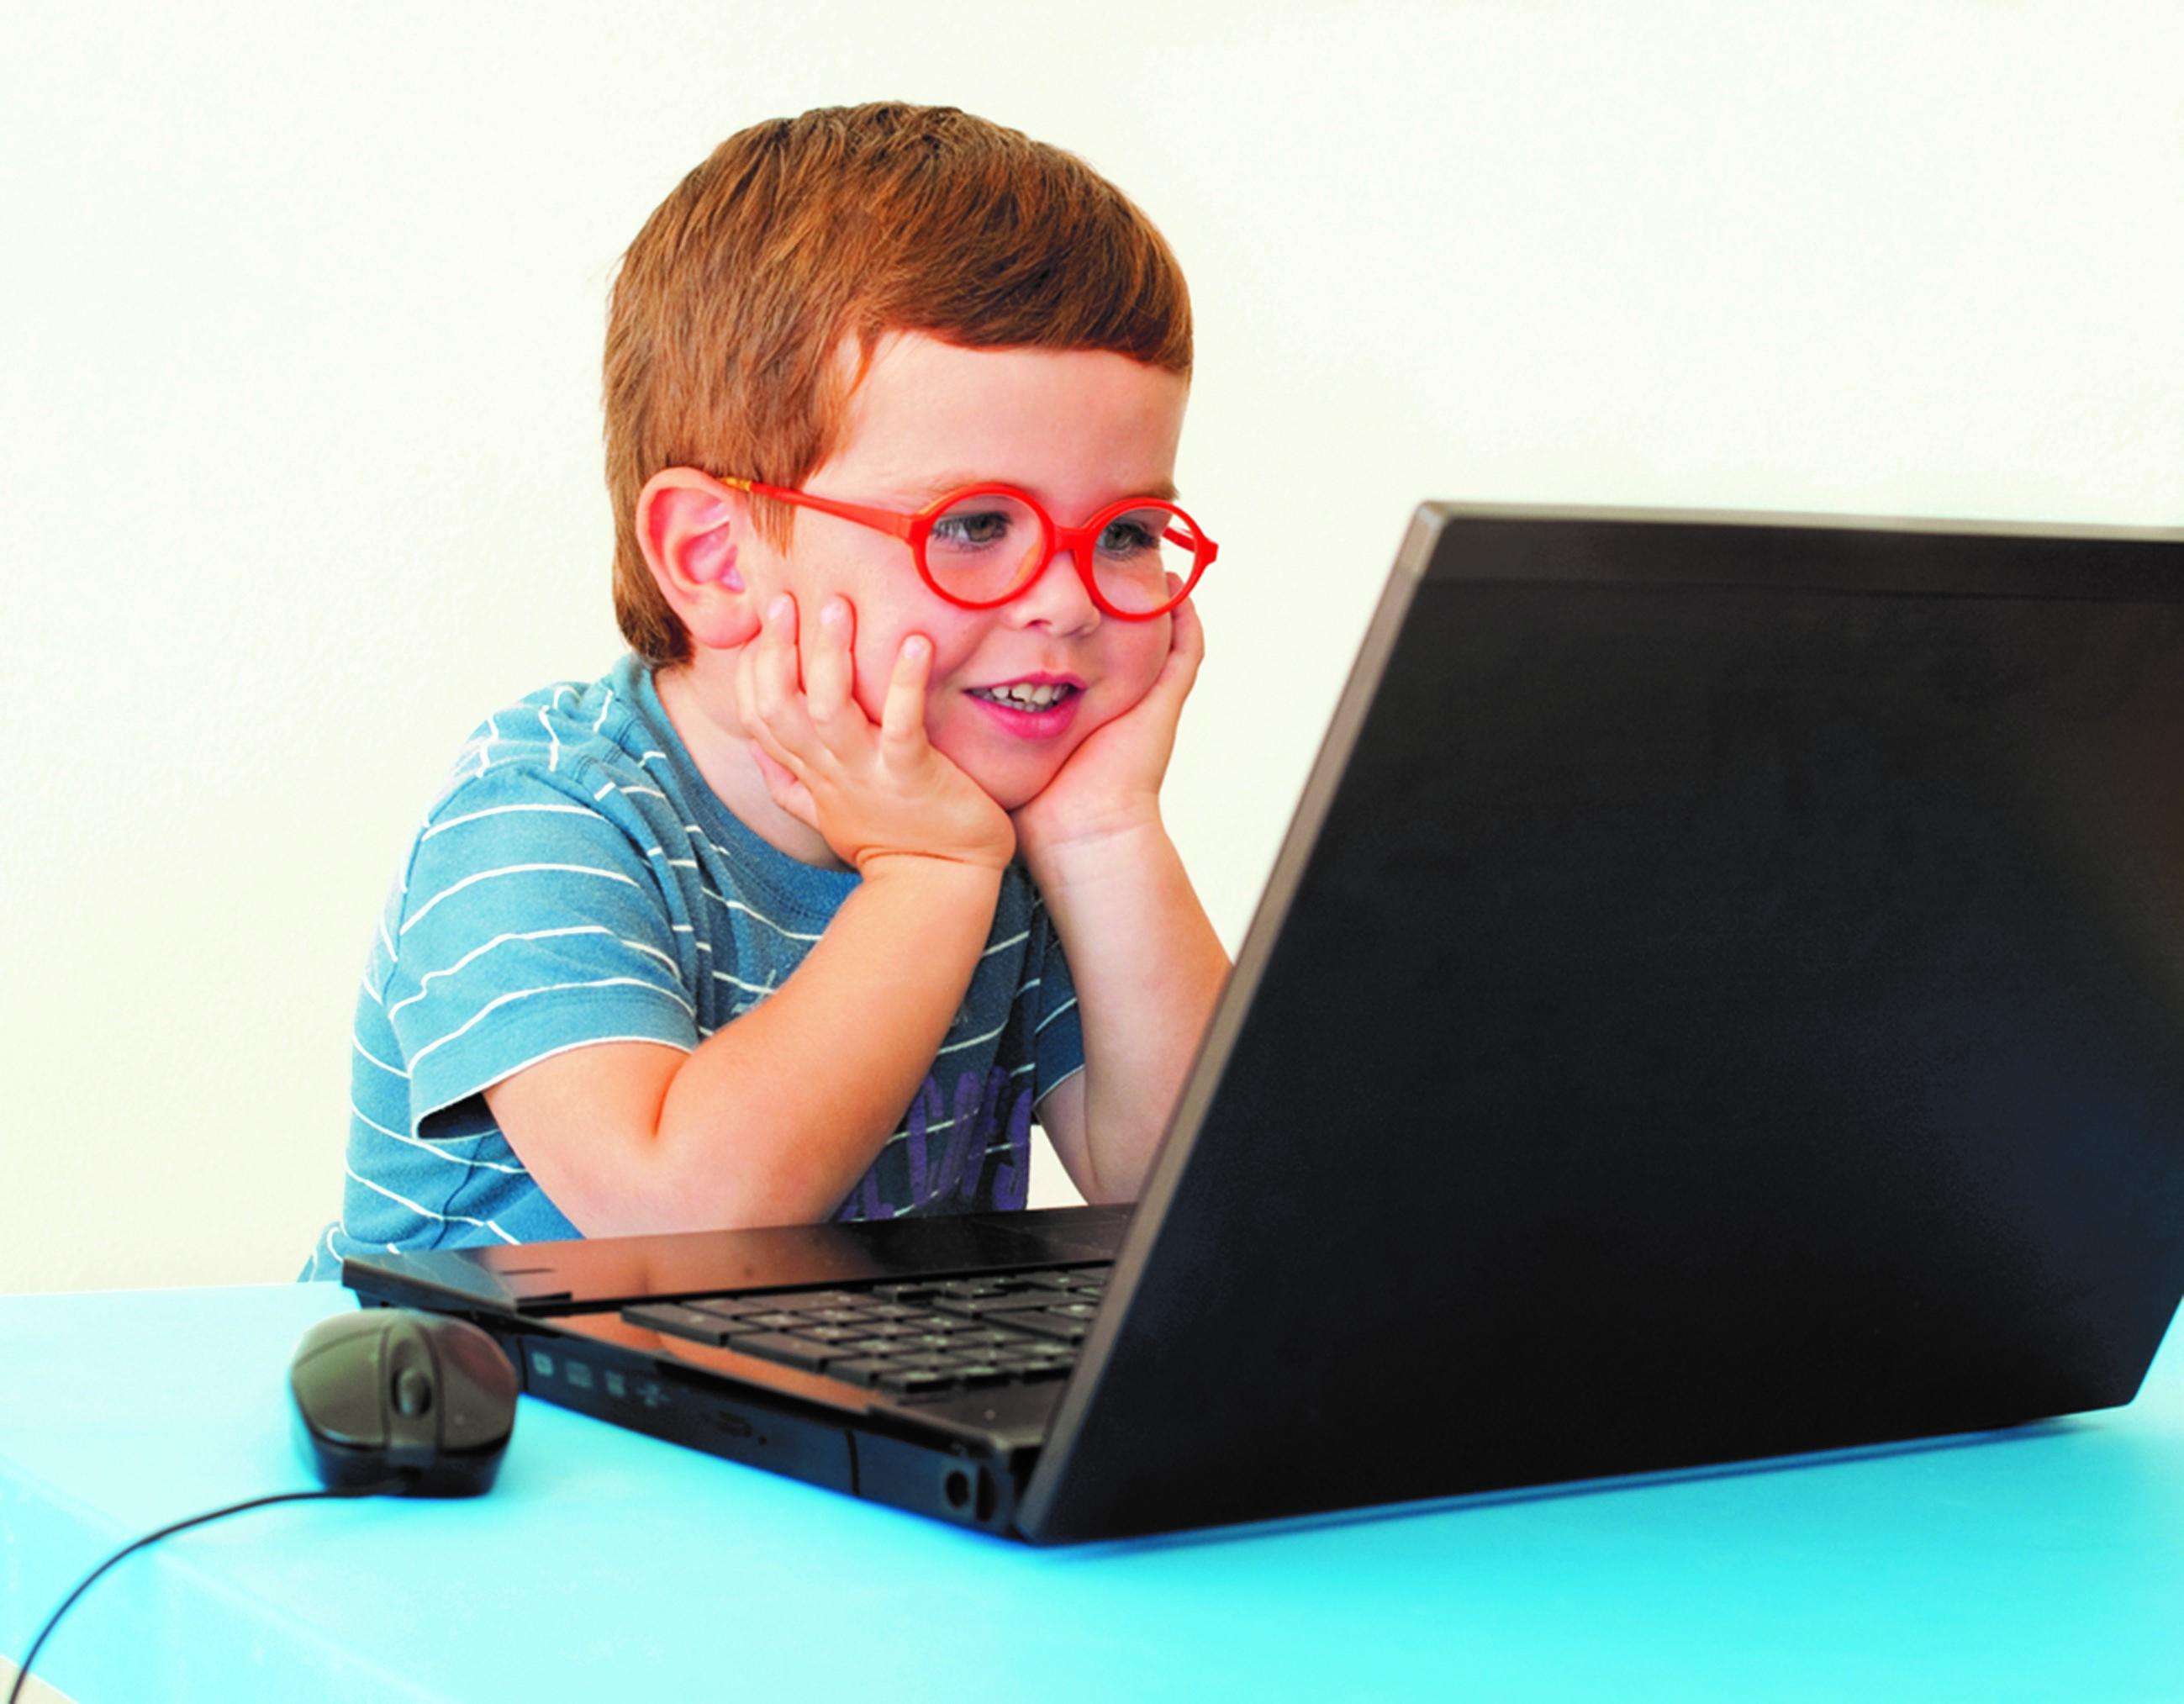 Картинки дети онлайн, доброго утра картинки